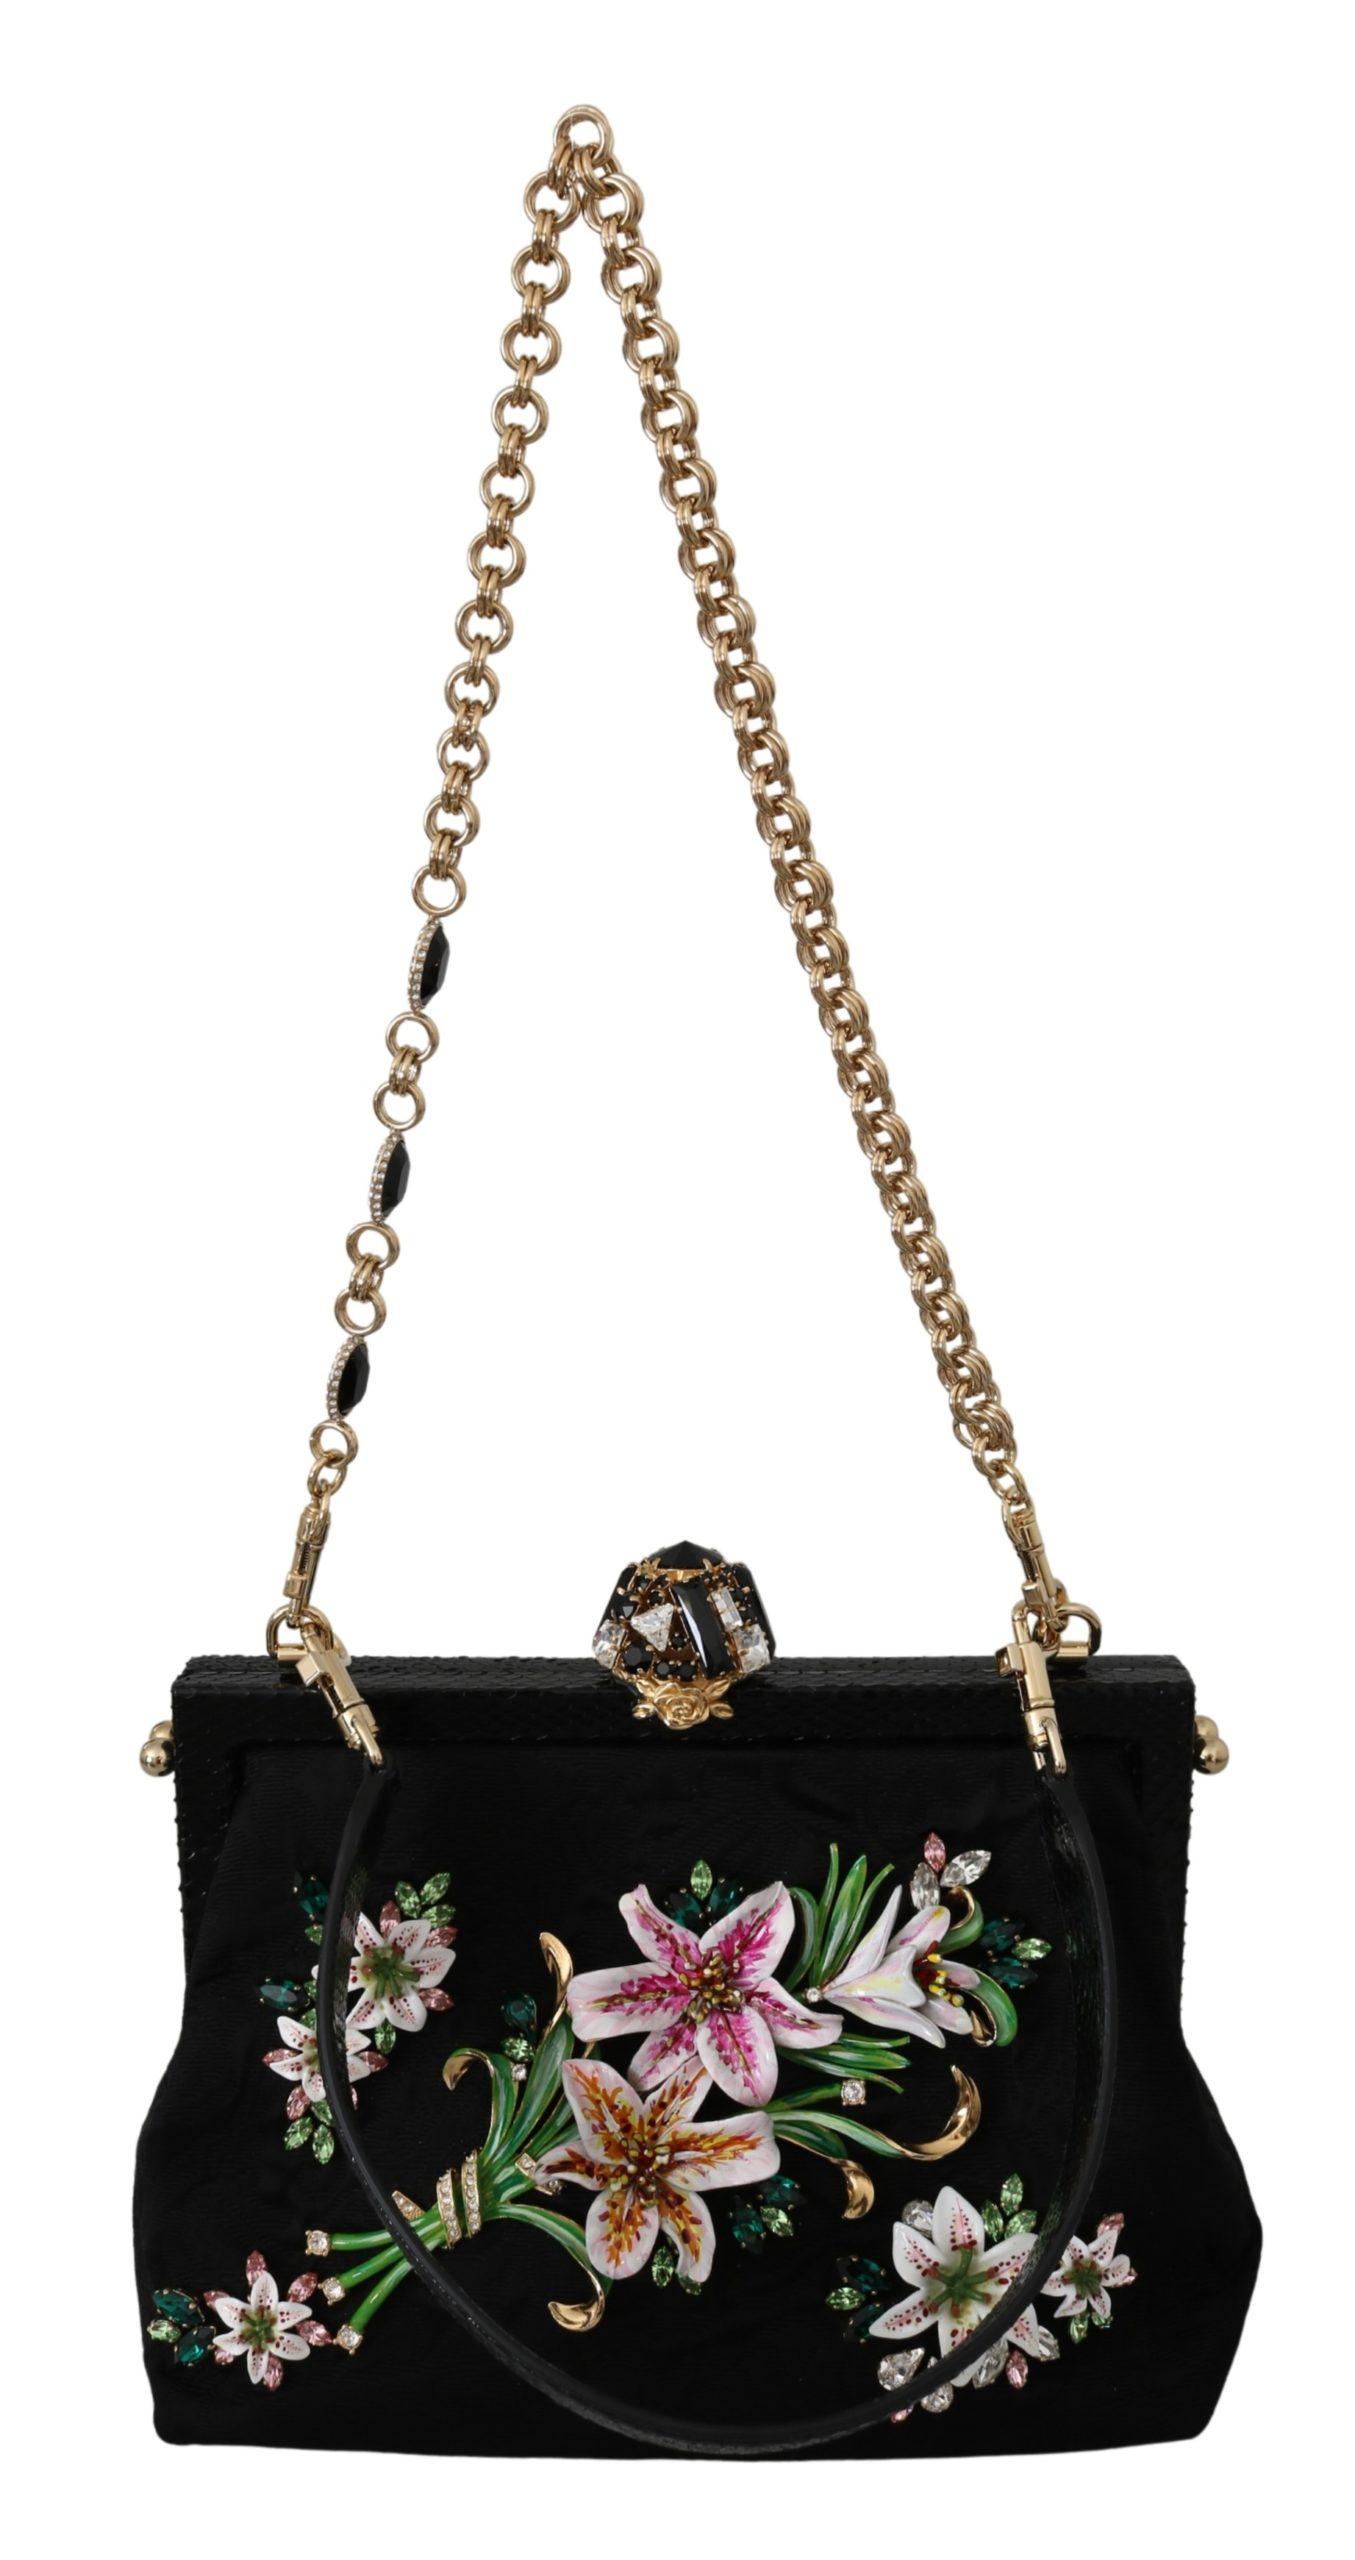 Dolce & Gabbana Women's Floral Crystal VANDA Shoulder Bag Black VAS9988